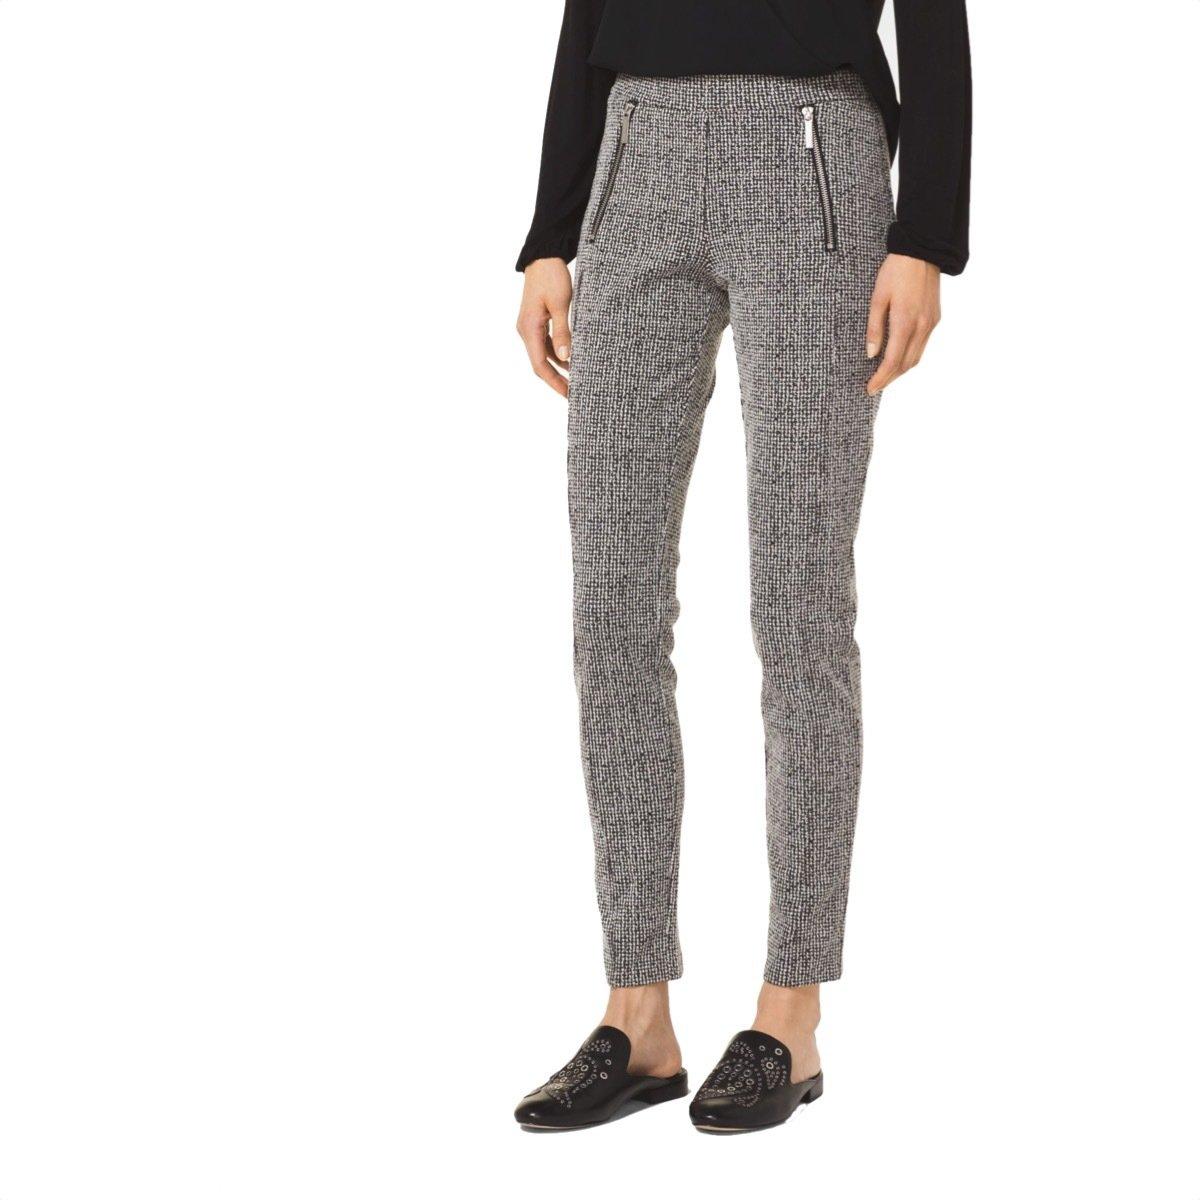 MICHAEL KORS - Pantaloni skinny - Black/White